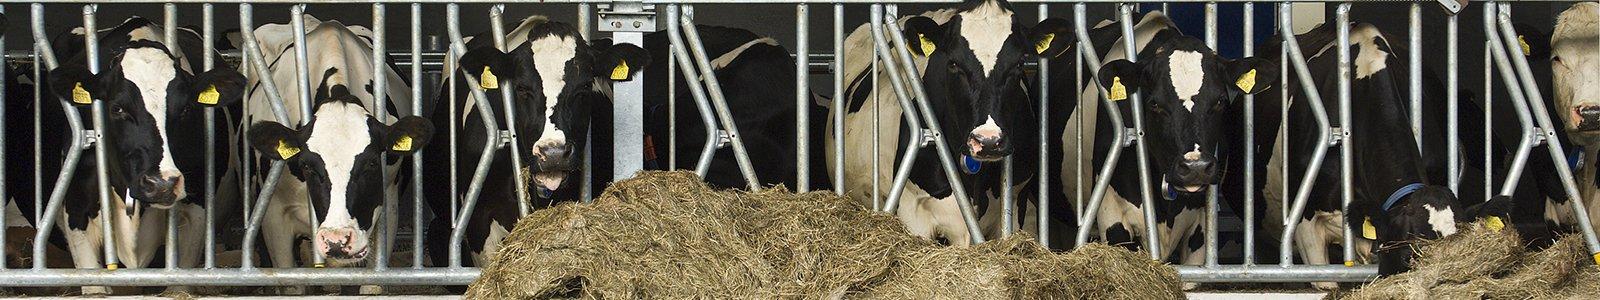 Landbouwhuisdieren